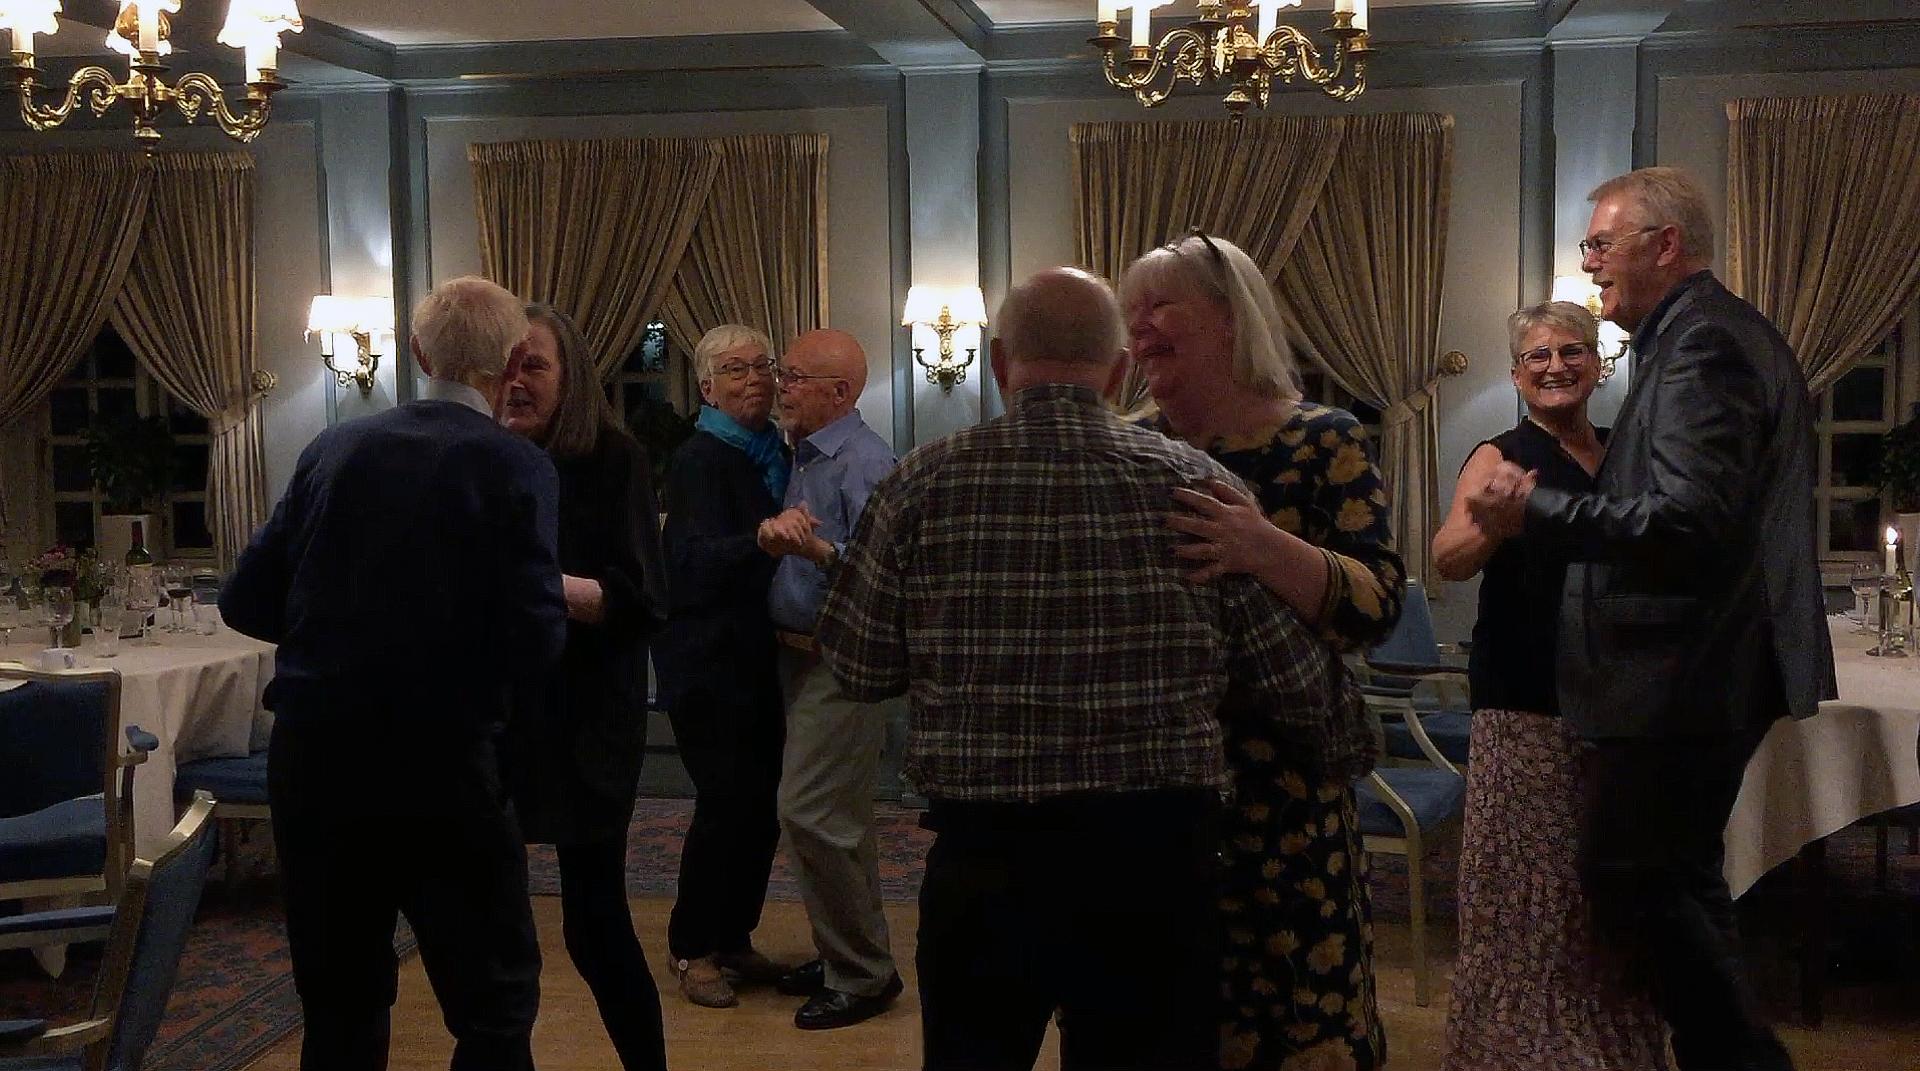 Demensfællesskabet Lillebælt inviterede til fest på Kryb-i-ly kro